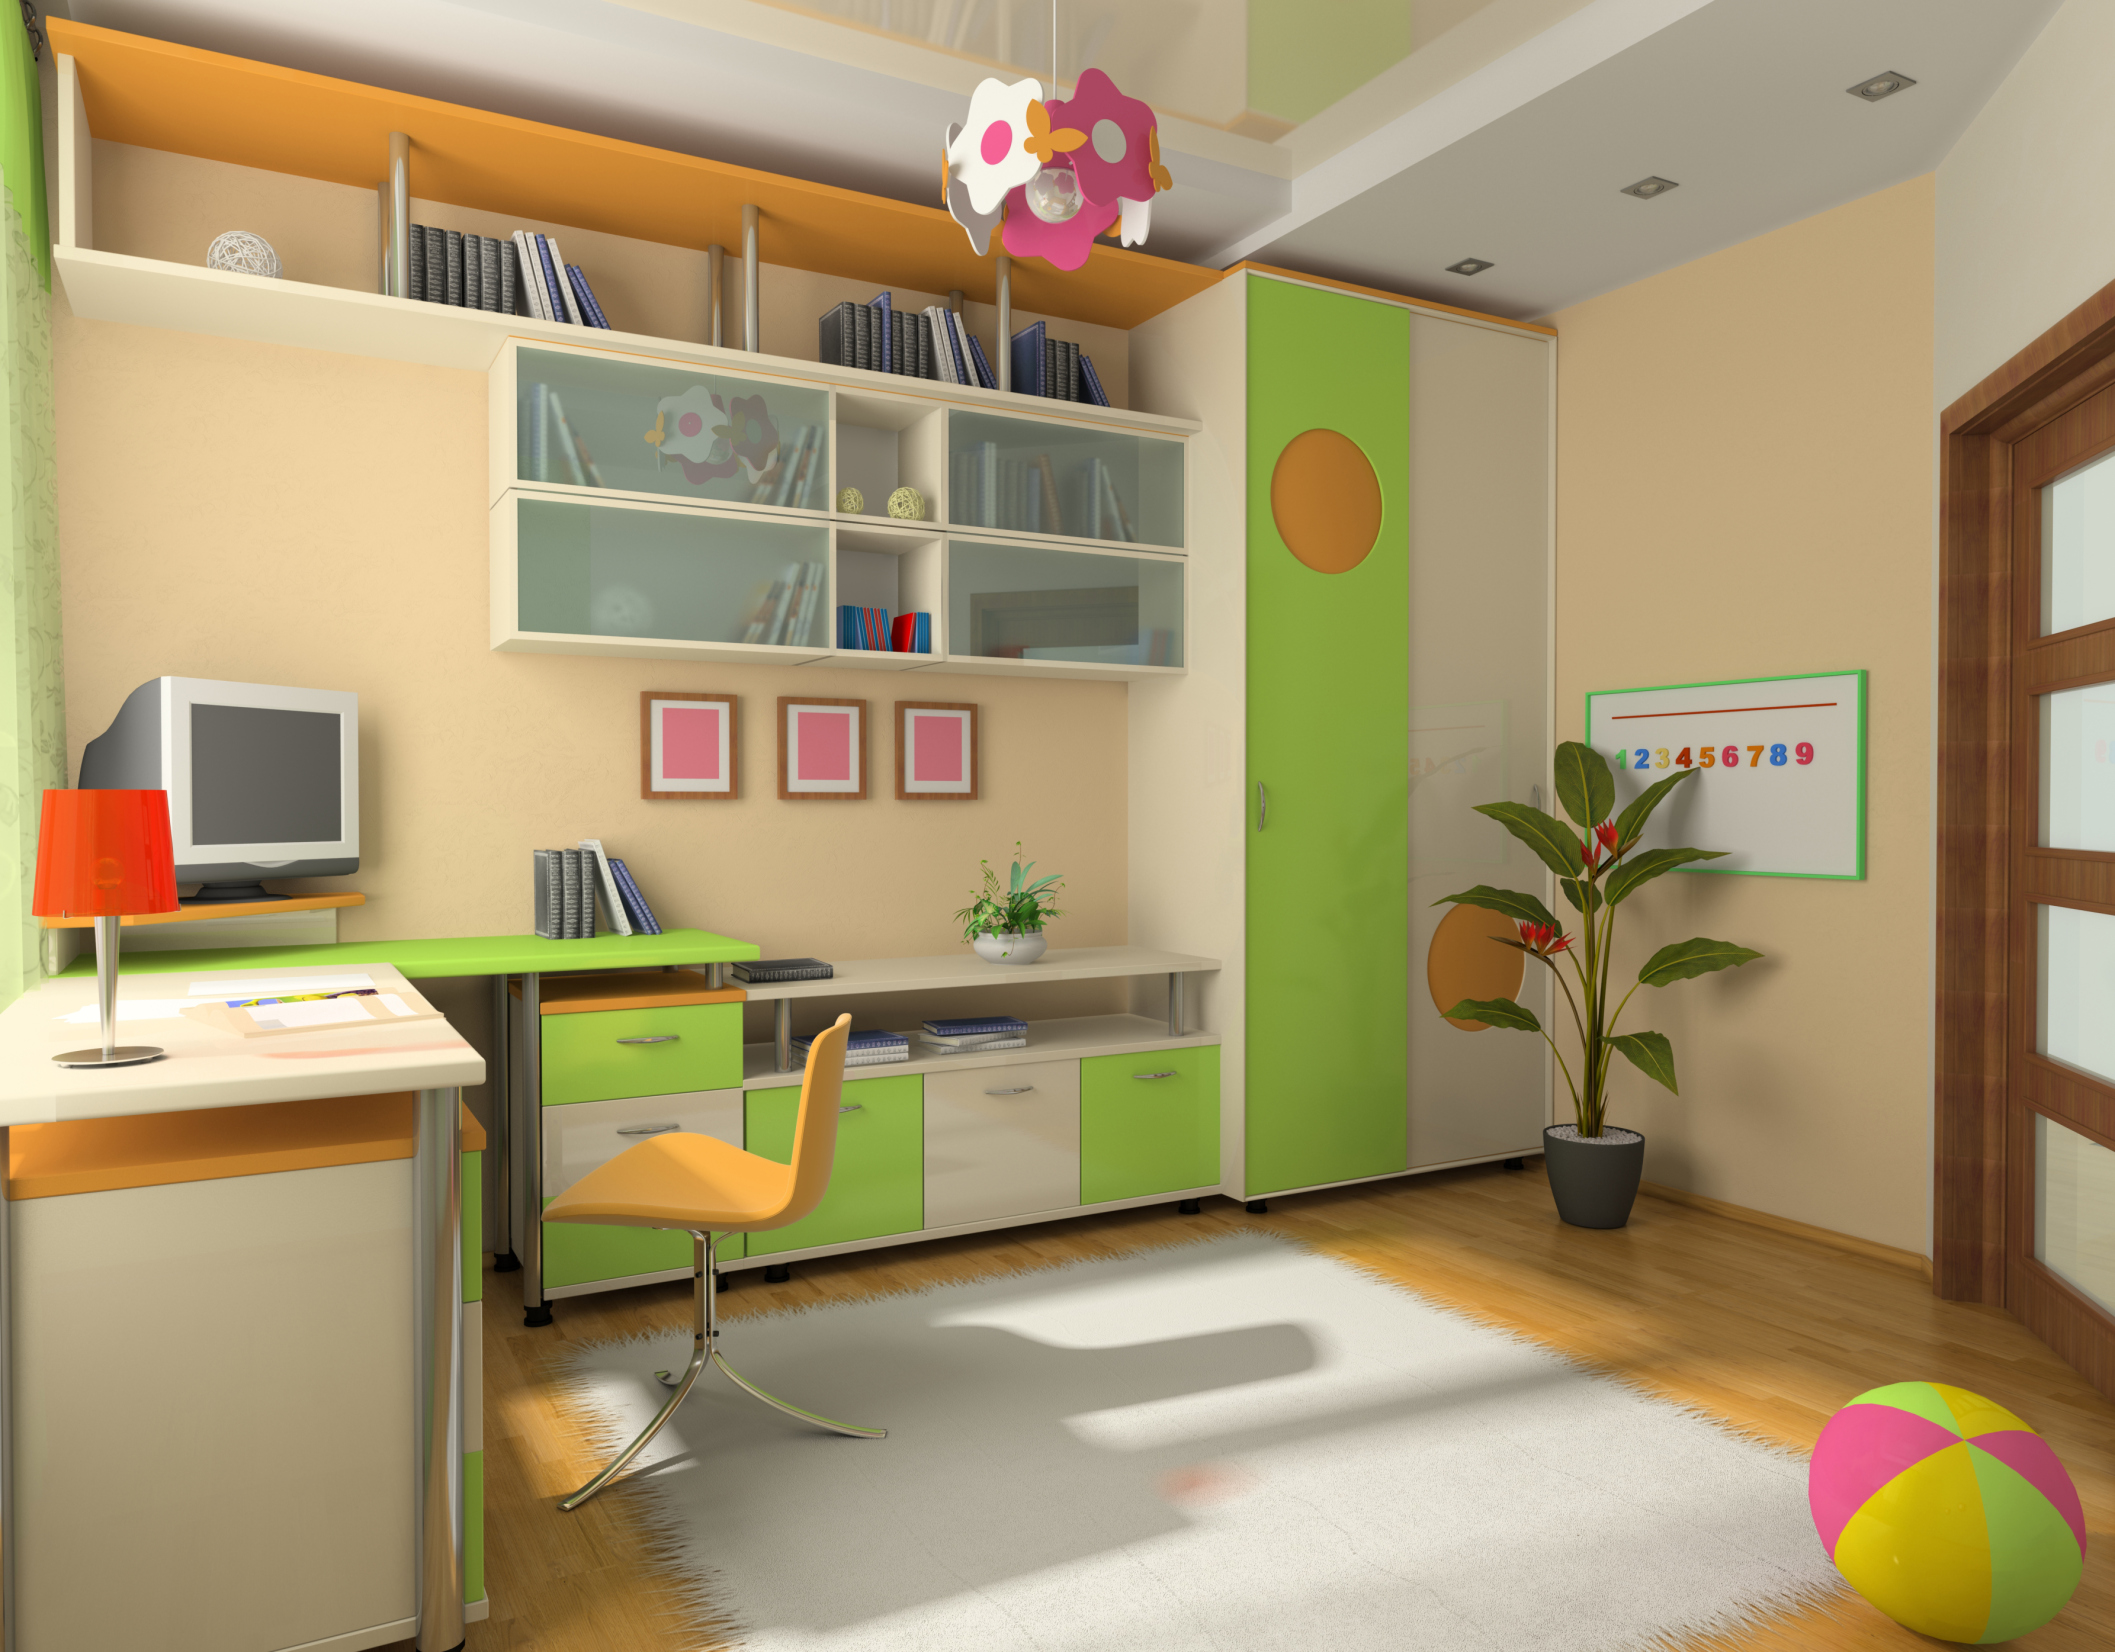 טיפים לעיצוב החדר